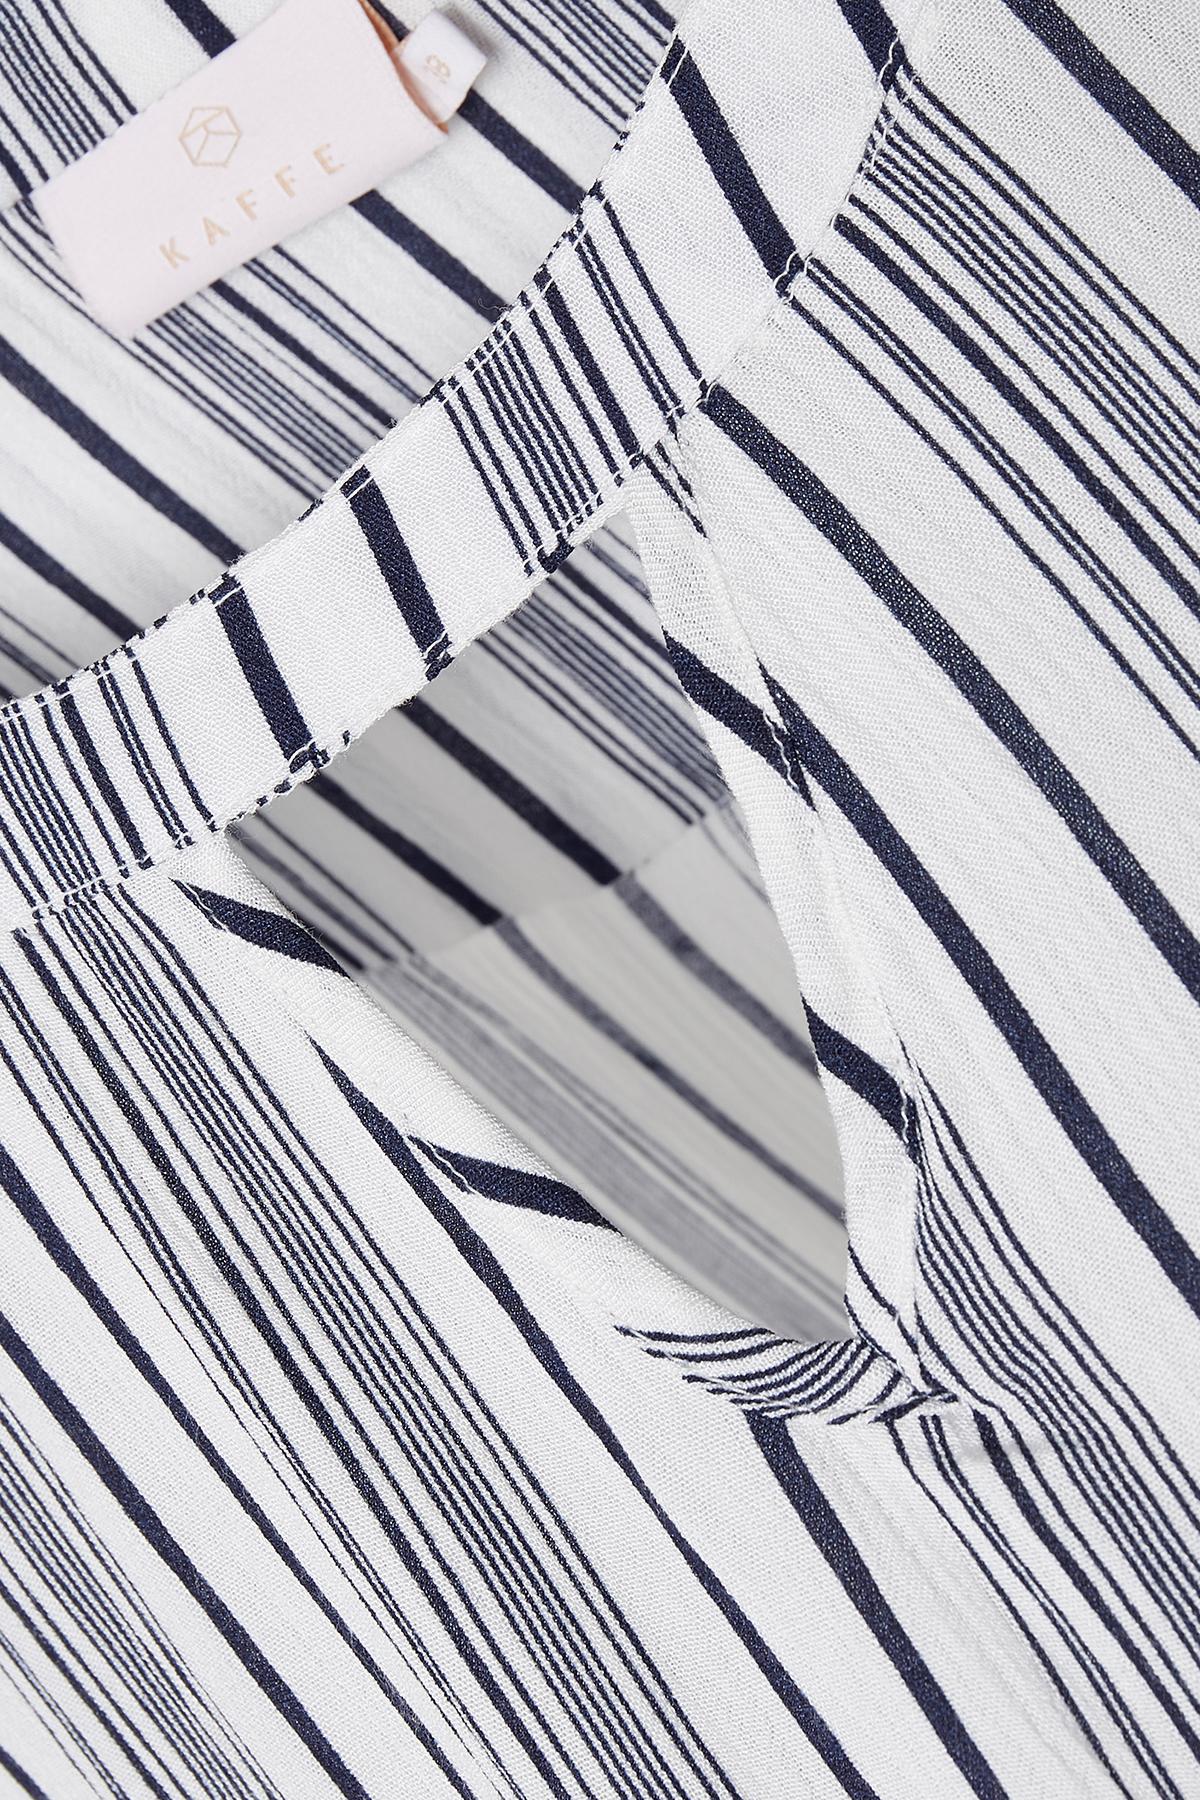 Off-white/marinblå Långärmad blus från Kaffe – Köp Off-white/marinblå Långärmad blus från stl. 34-46 här